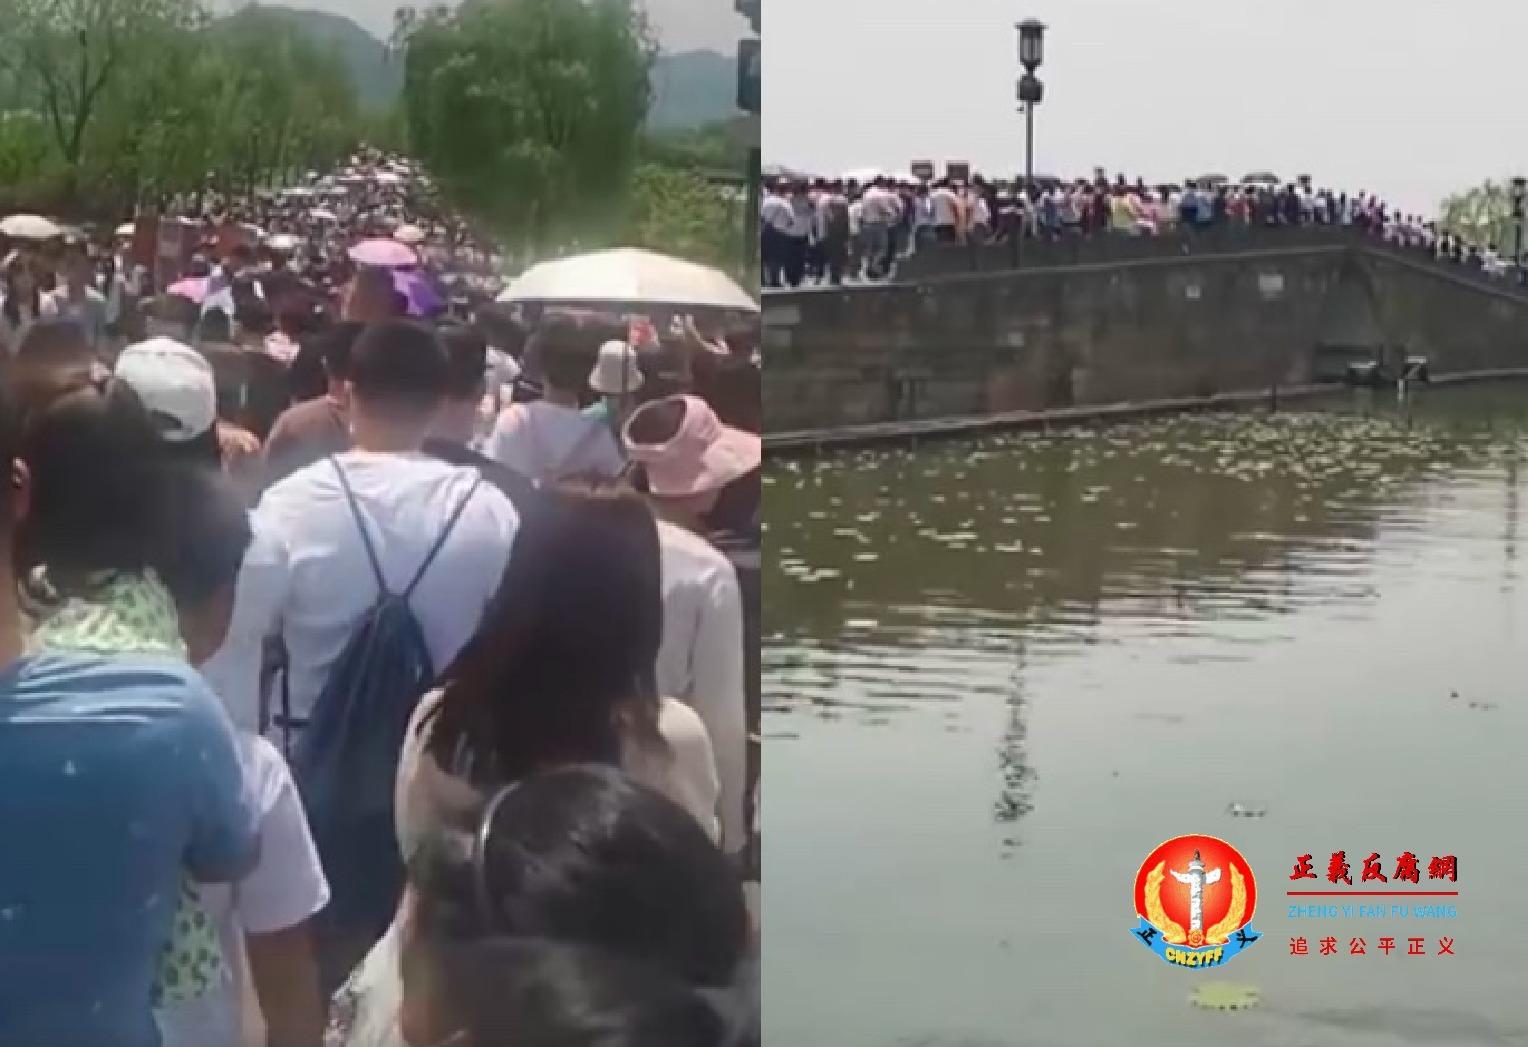 """微视频 浙江杭州西湖断桥成了""""人桥""""游客如织,山东泰山人多景区不认遭驳斥"""